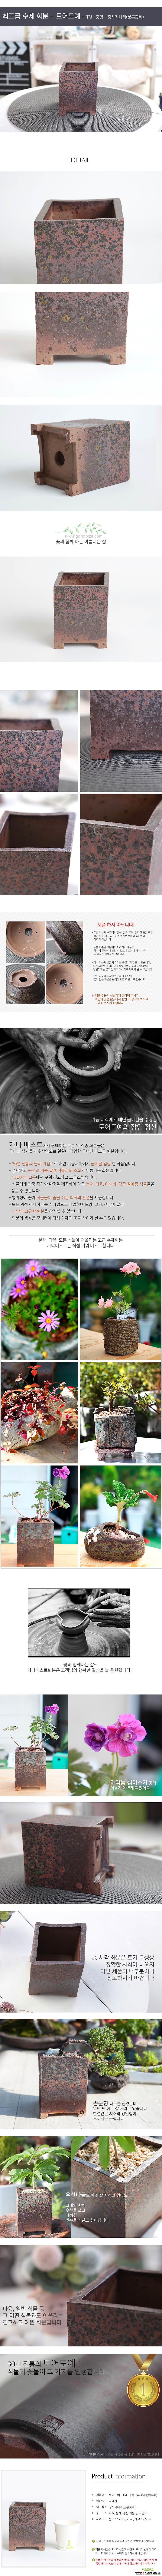 정사각나라(분홍꽃비) - 최고급 수제 화분  토어도예 - TM - 중형 -